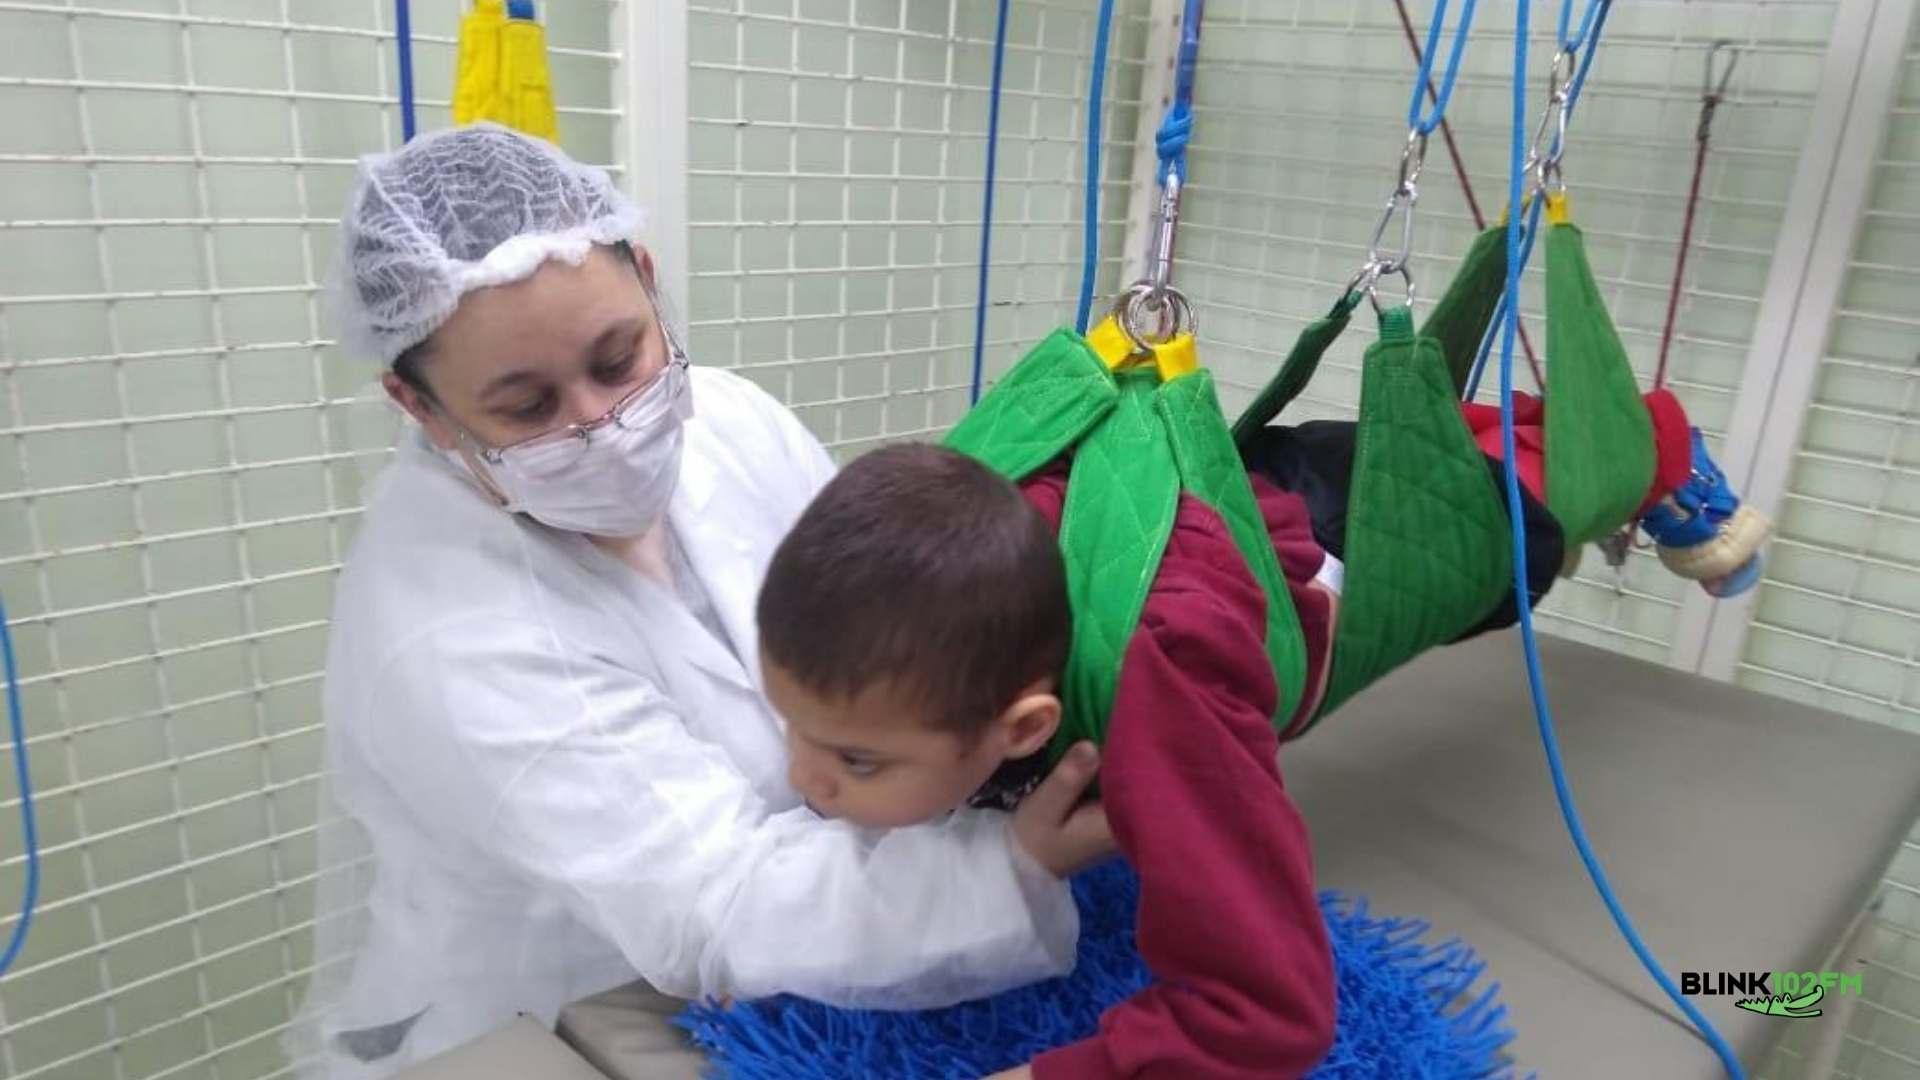 1 ano em 1 mês: Pestalozzi arrecada doações para ampliar acesso à programa de fisioterapia que reduz tempo de tratamento